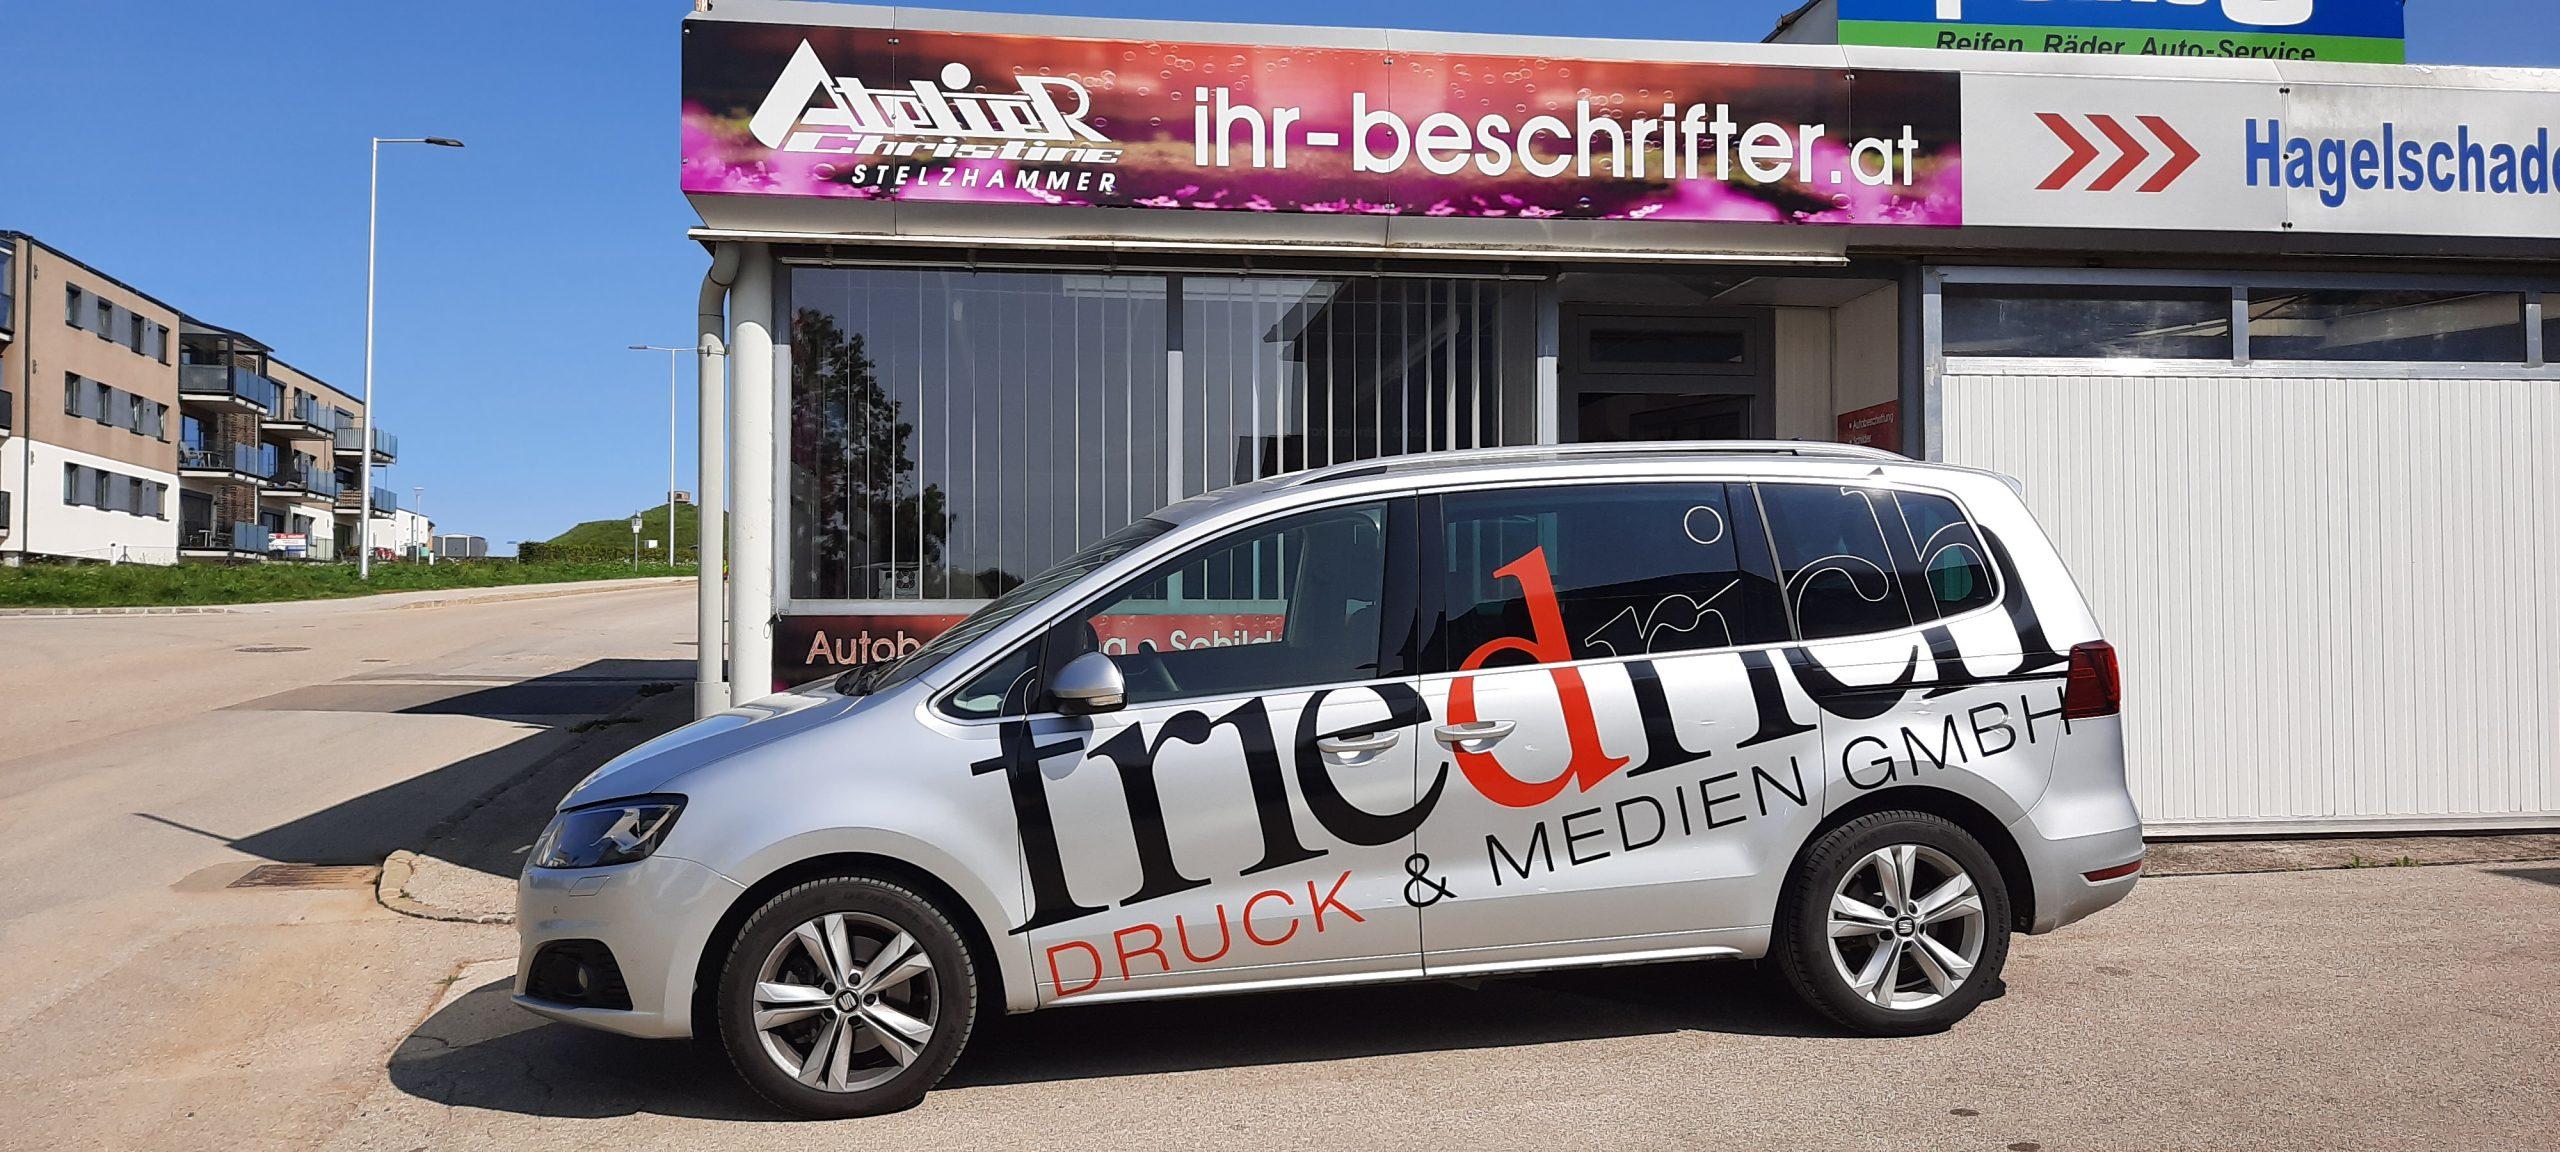 Referenz - Autobeklebung Firma Friedrich